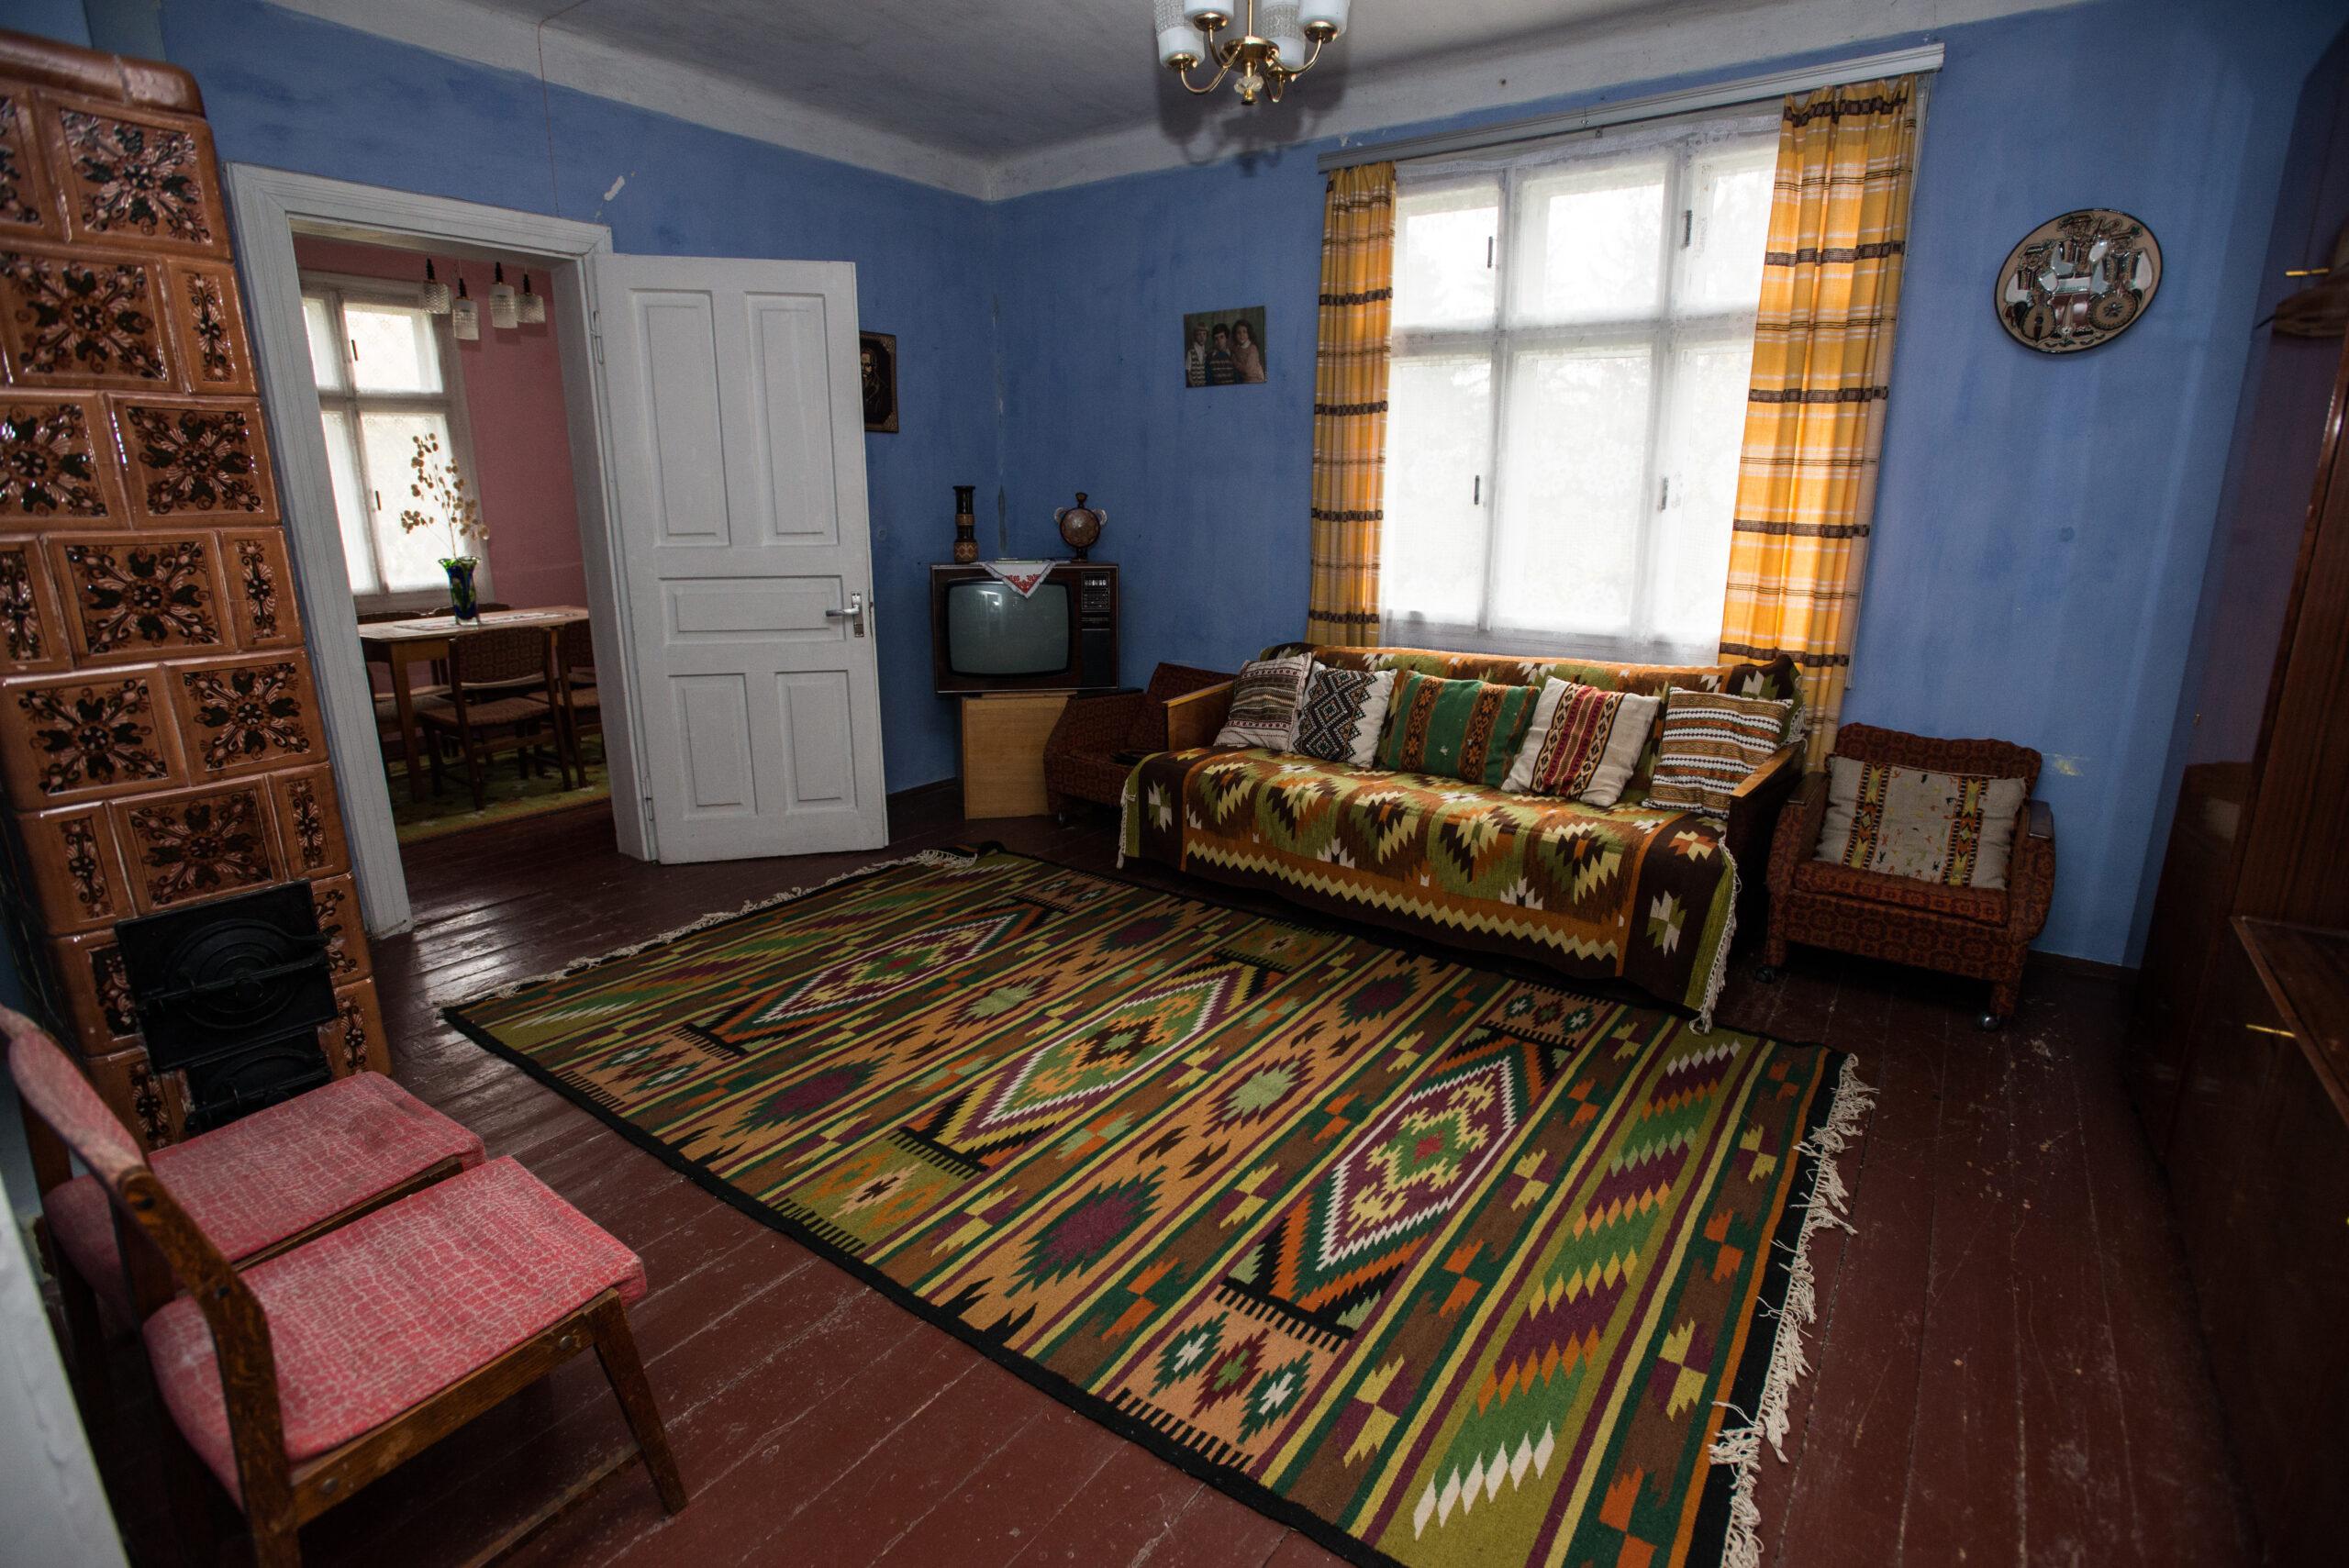 Вітальня в будинку Івано-Франківської області. Фото: Наталка Дяченко